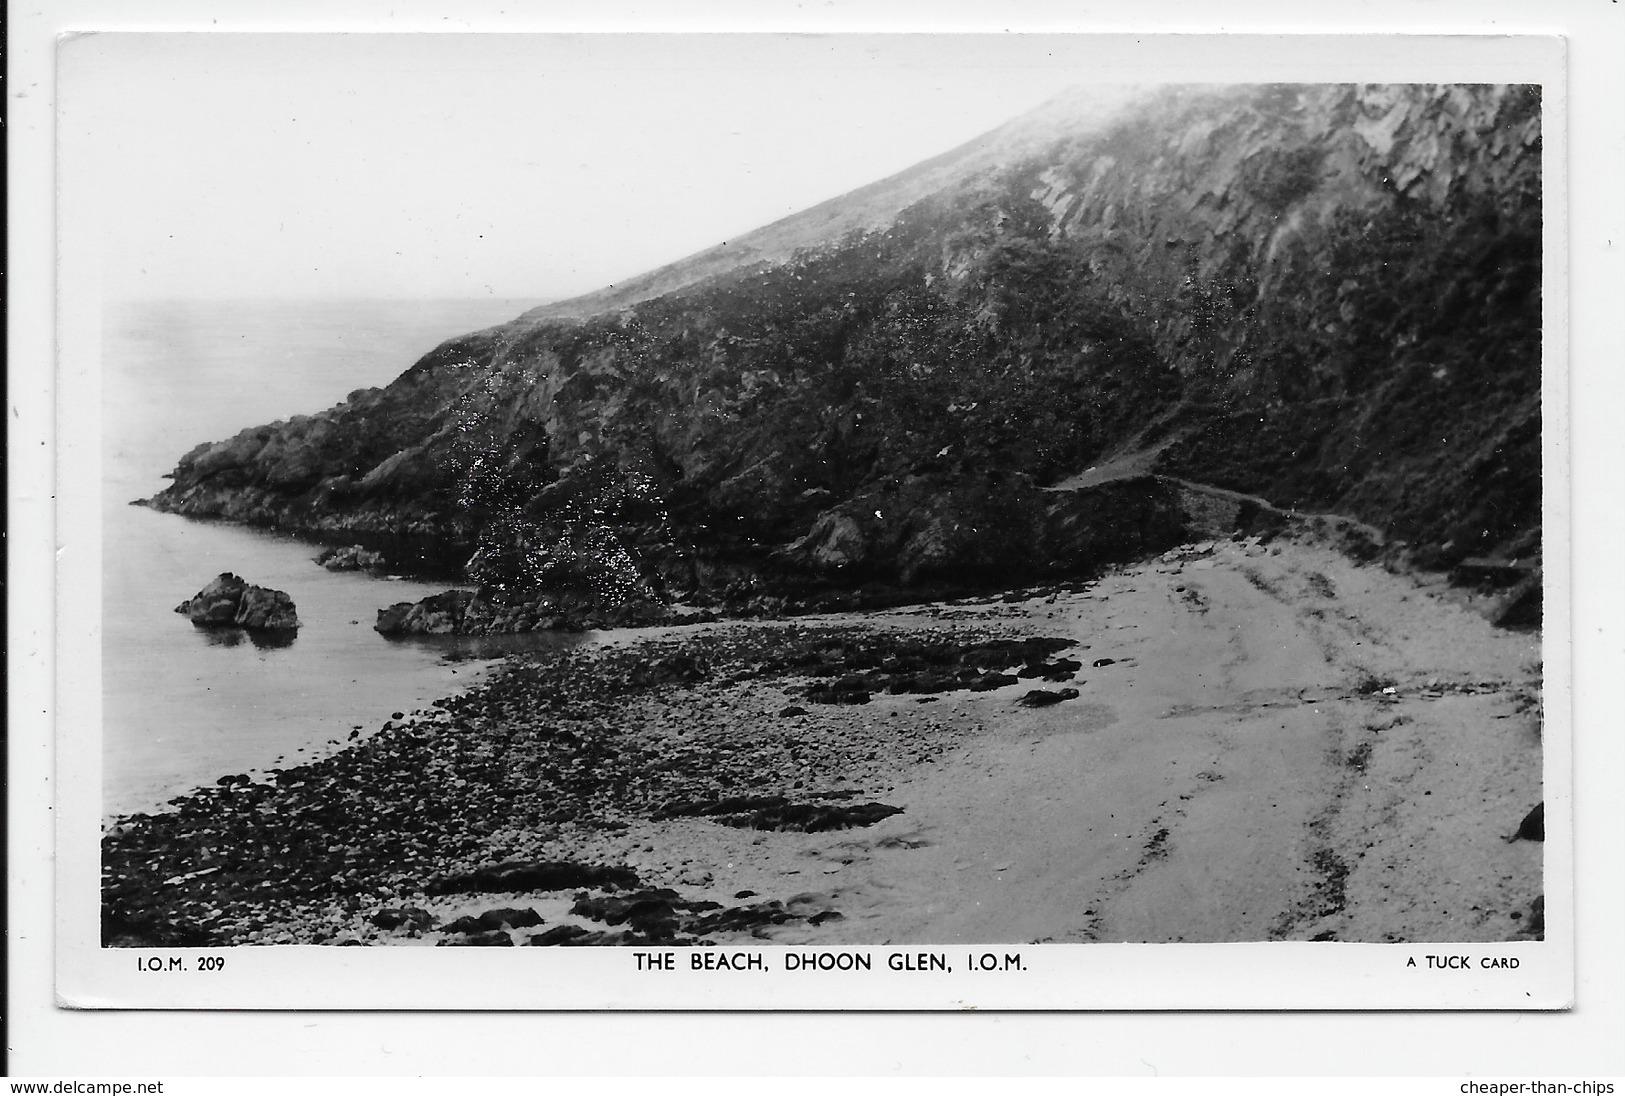 The Beach, Dhoon Glen. - Tuck I.O.M. 209 - Isle Of Man